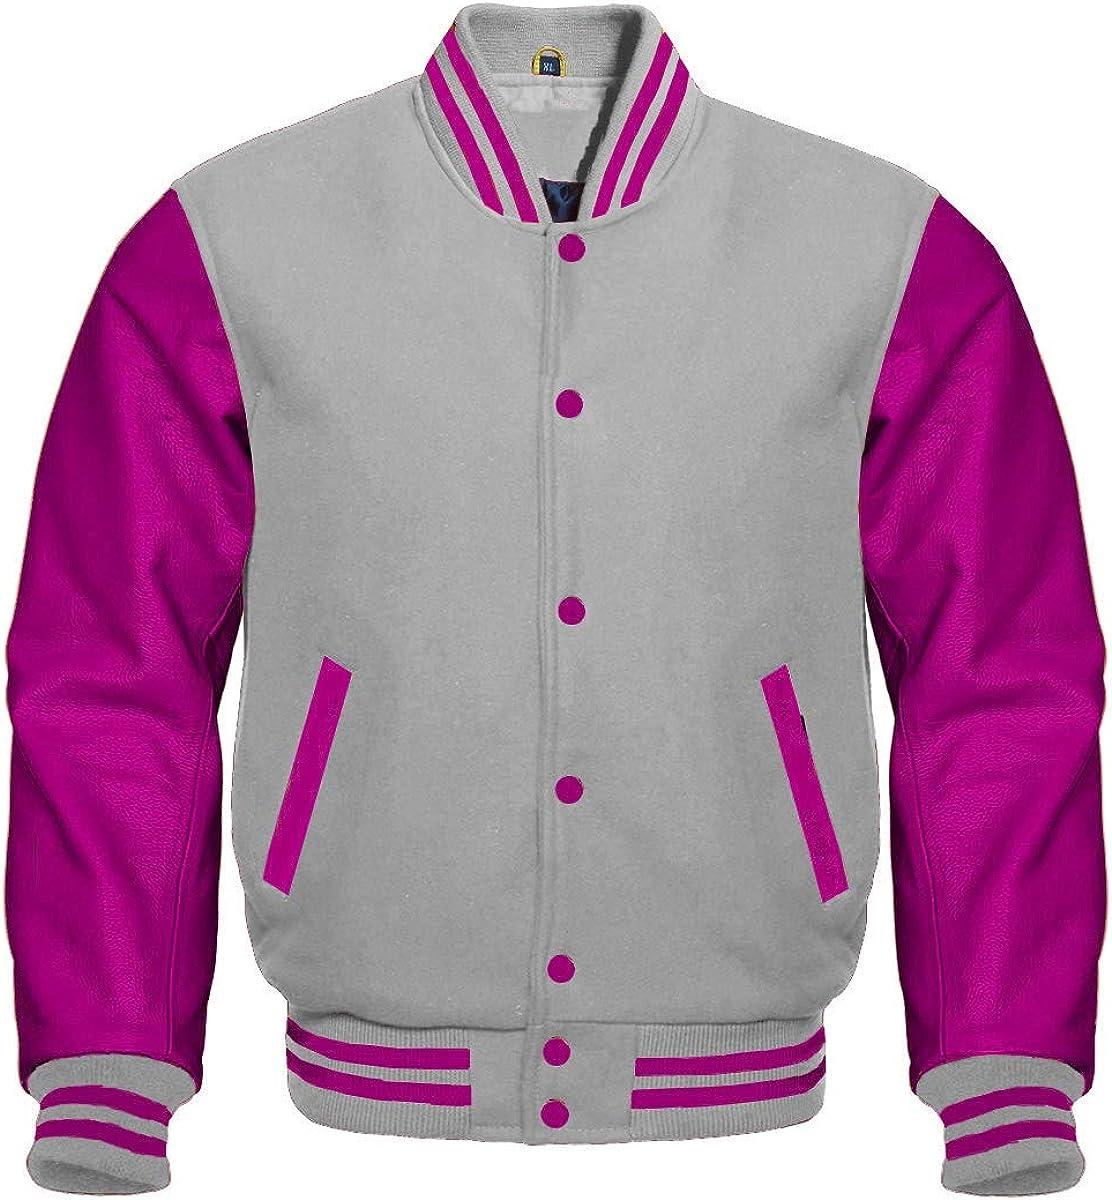 Revolution Enterprises Varsity Jacket Bomber Letterman Baseball Gray Wool & Hot Pink Leather Sleeves